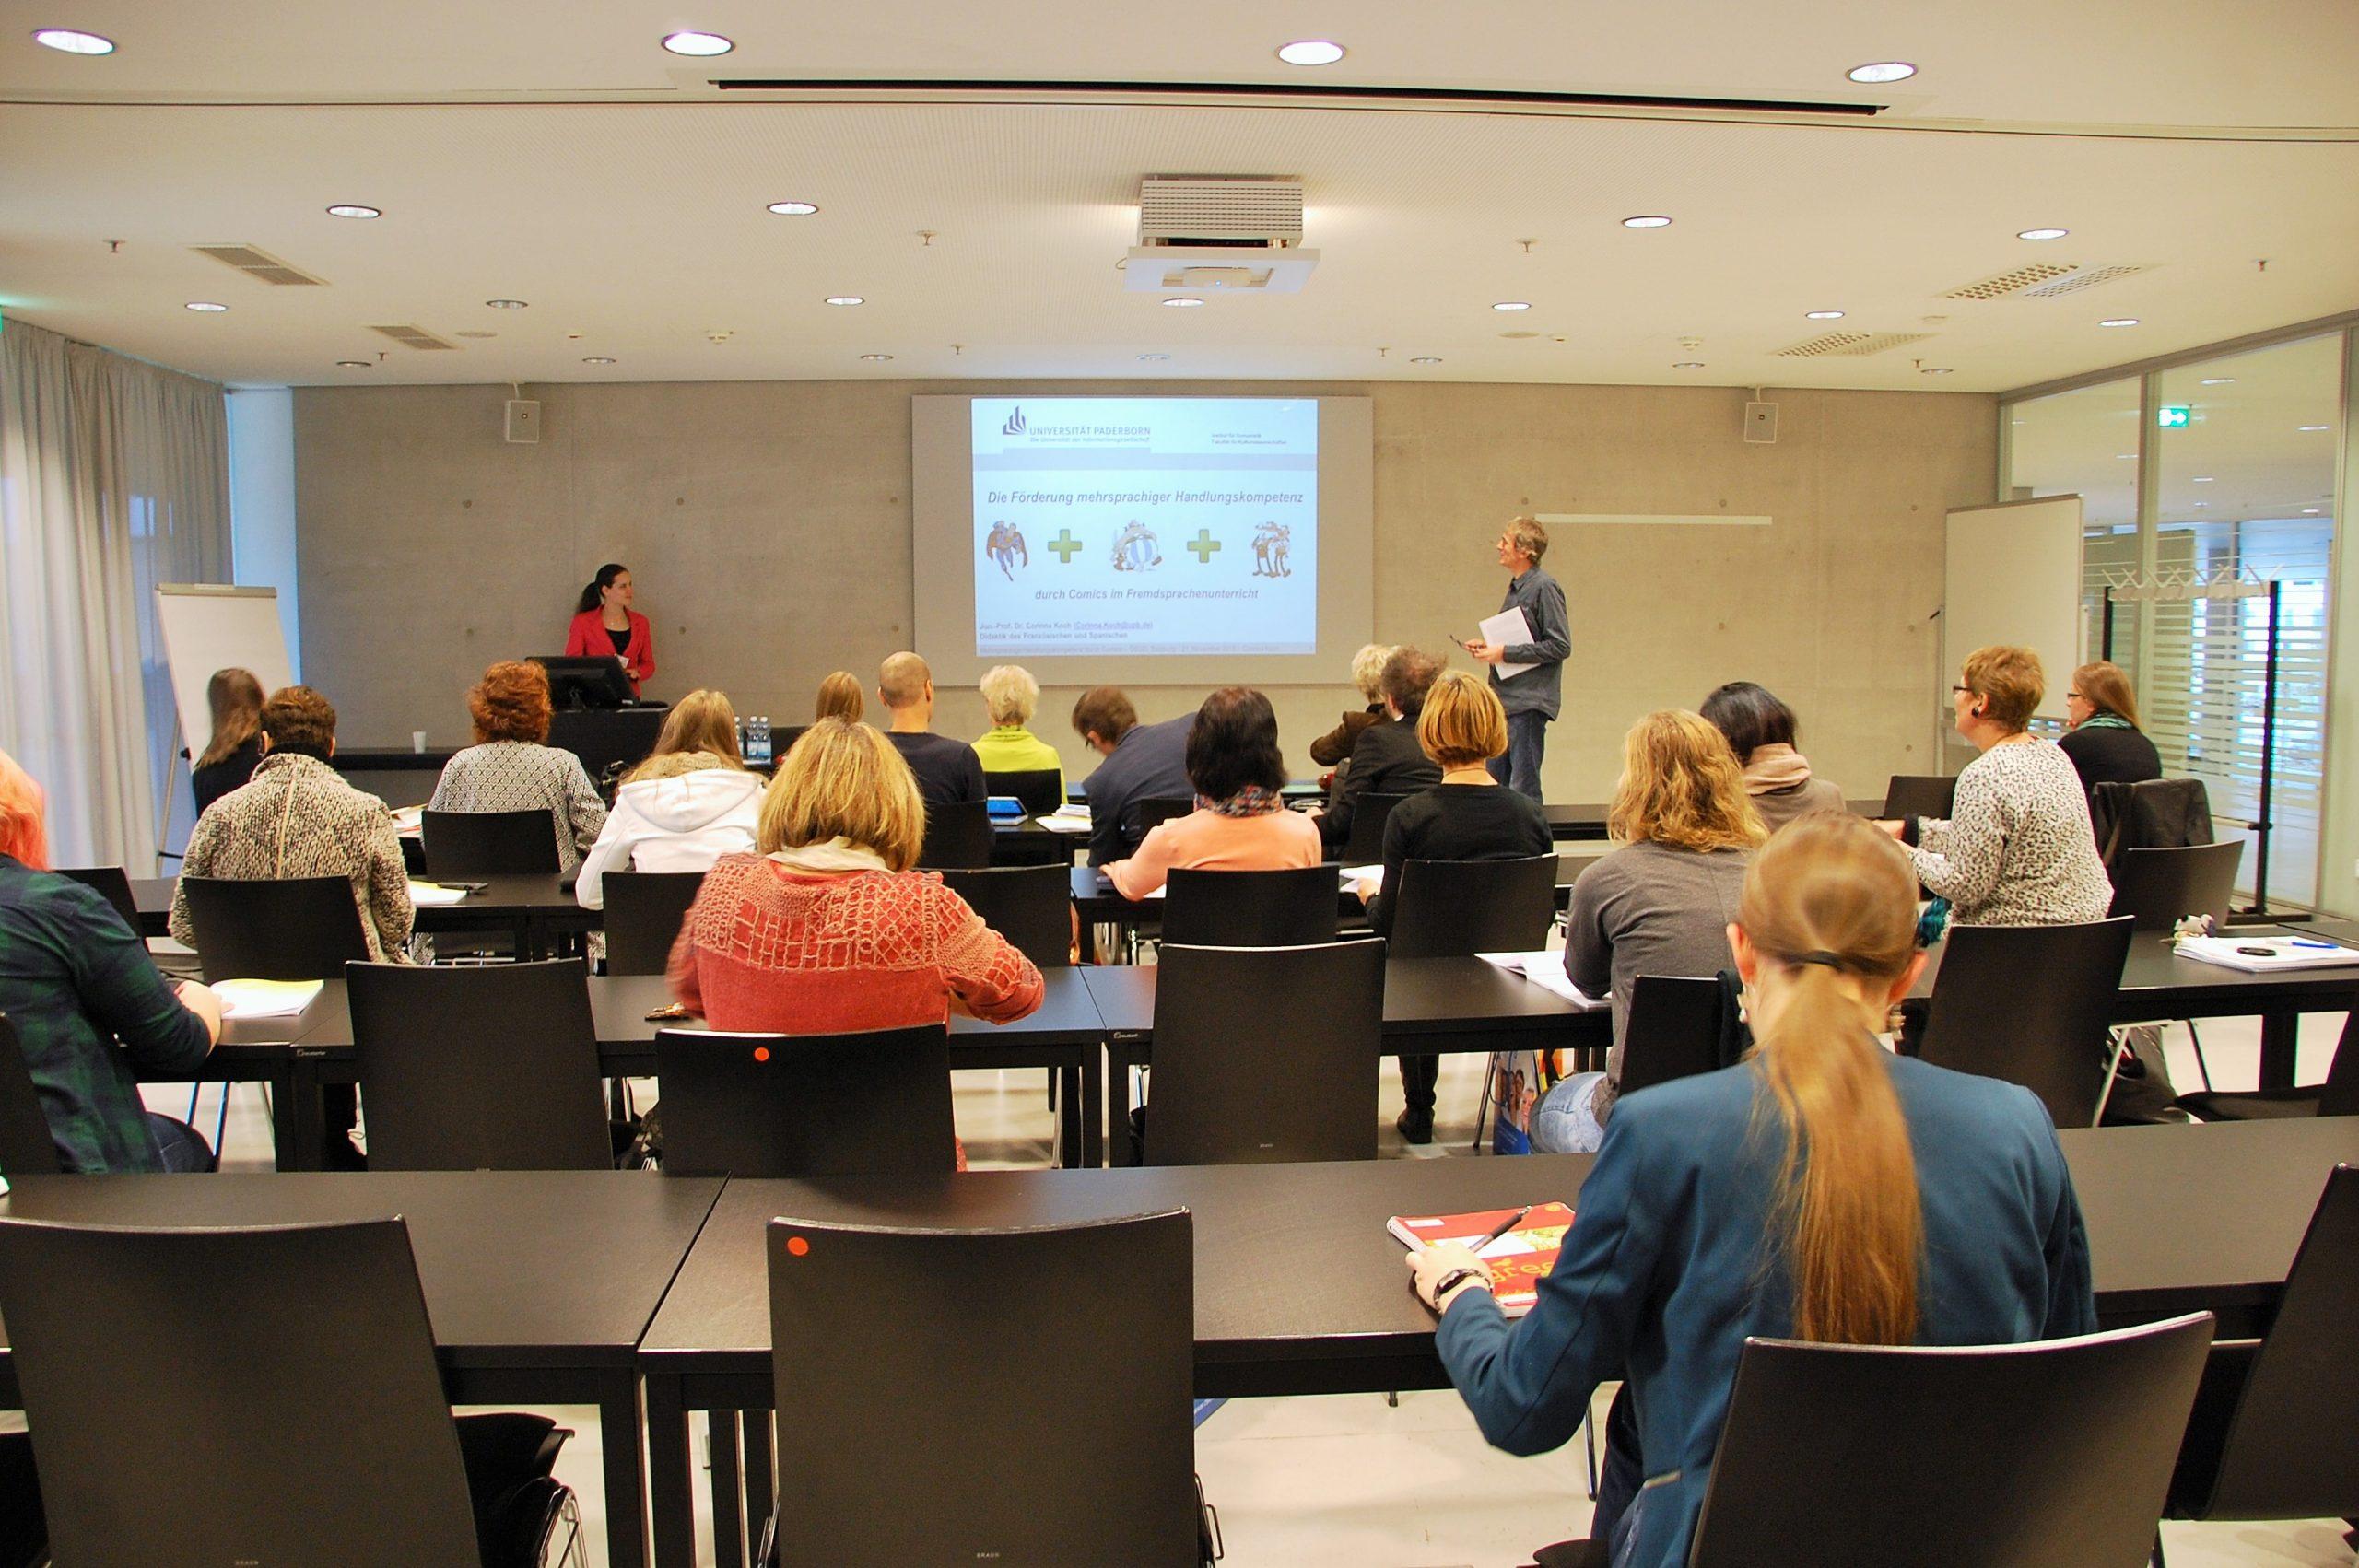 2020: 8. ÖGSD Tagung: CLIL in europäischen Klassenzimmern: Was können PraktikerInnen und ForscherInnen voneinander lernen, um das Lernen in mehrsprachigen Klassenzimmern zu verbessern?